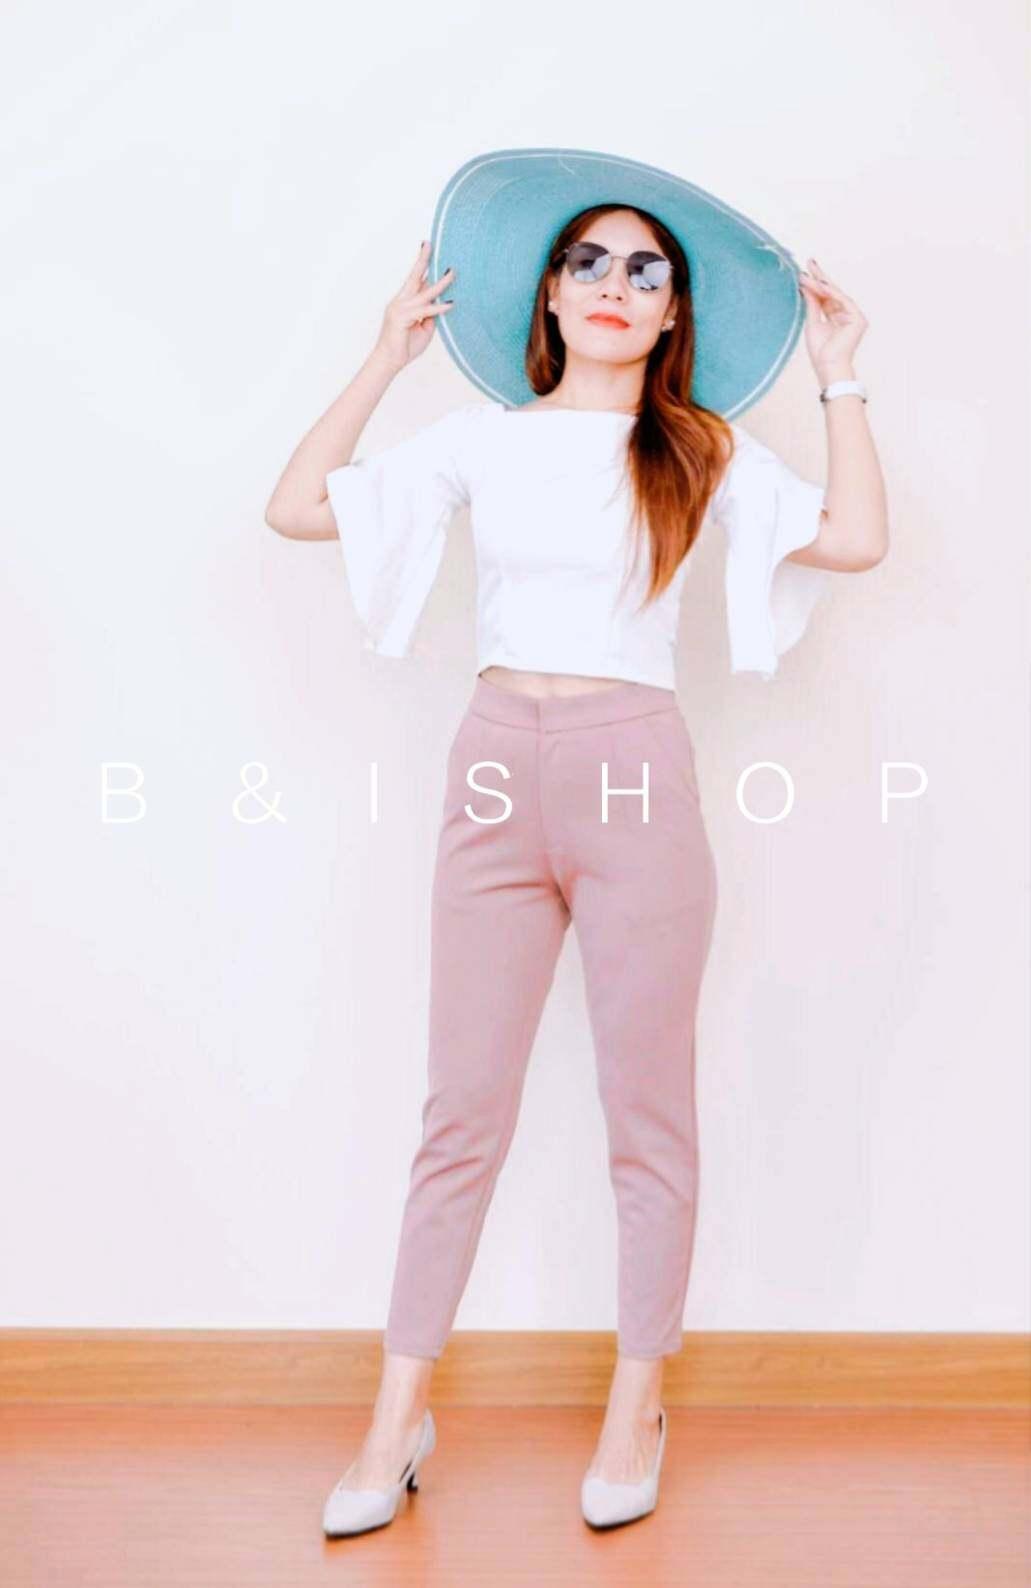 กางเกงผู้หญิง กางเกงทำงานขายาว 7 ส่วน เอวสูง ผ้าโรเชฟ ตะขอซิปหน้า ยาว 33 นิ้ว ผ้านิ่มใส่สบาย